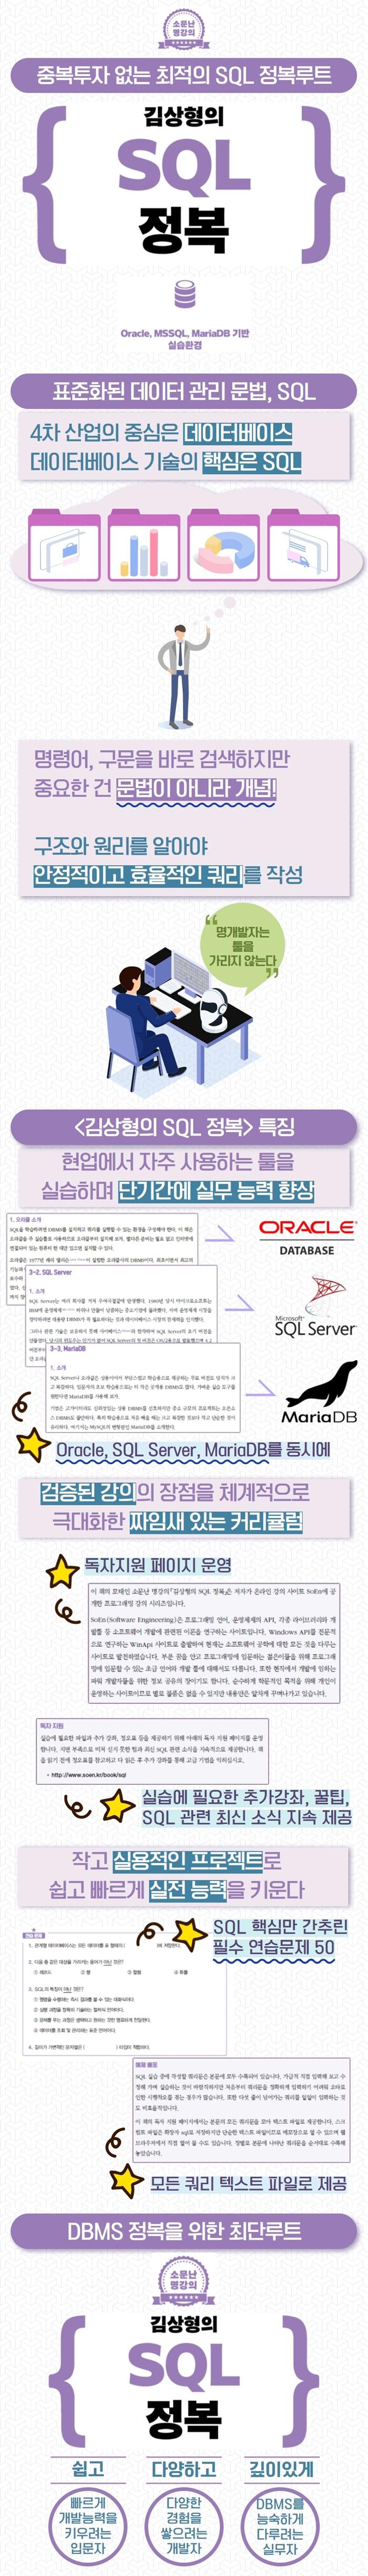 상세이미지_소문난명강의_김상형의 SQL_700px.jpg